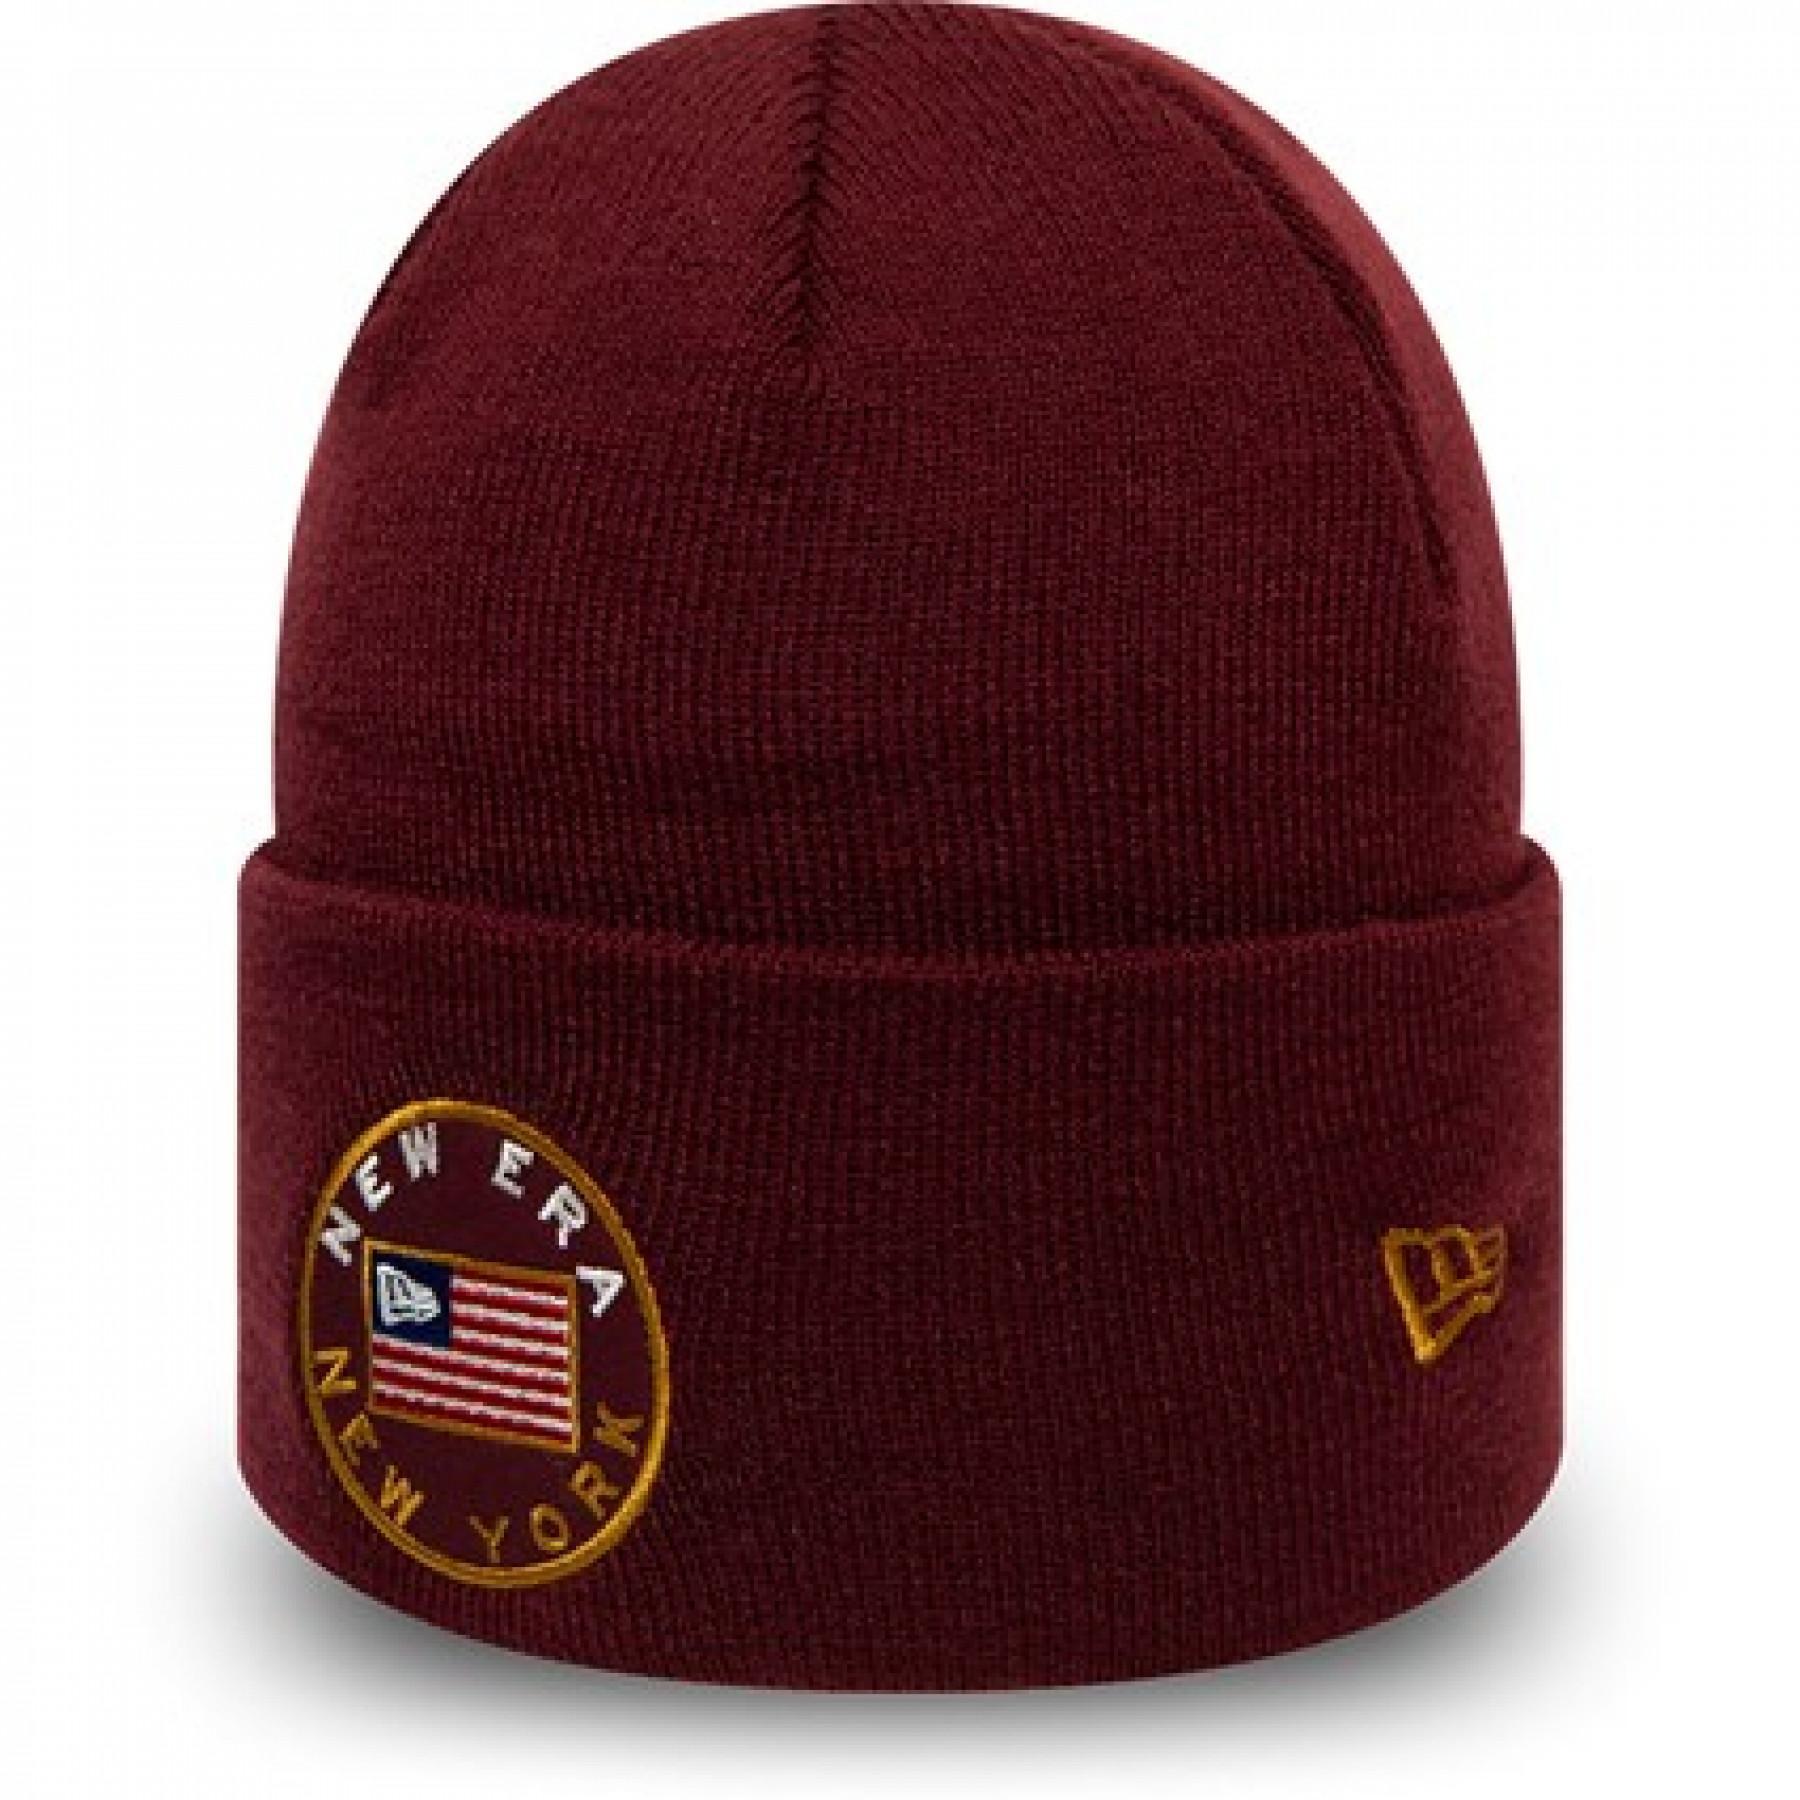 Cap New Era Flagged Cuff